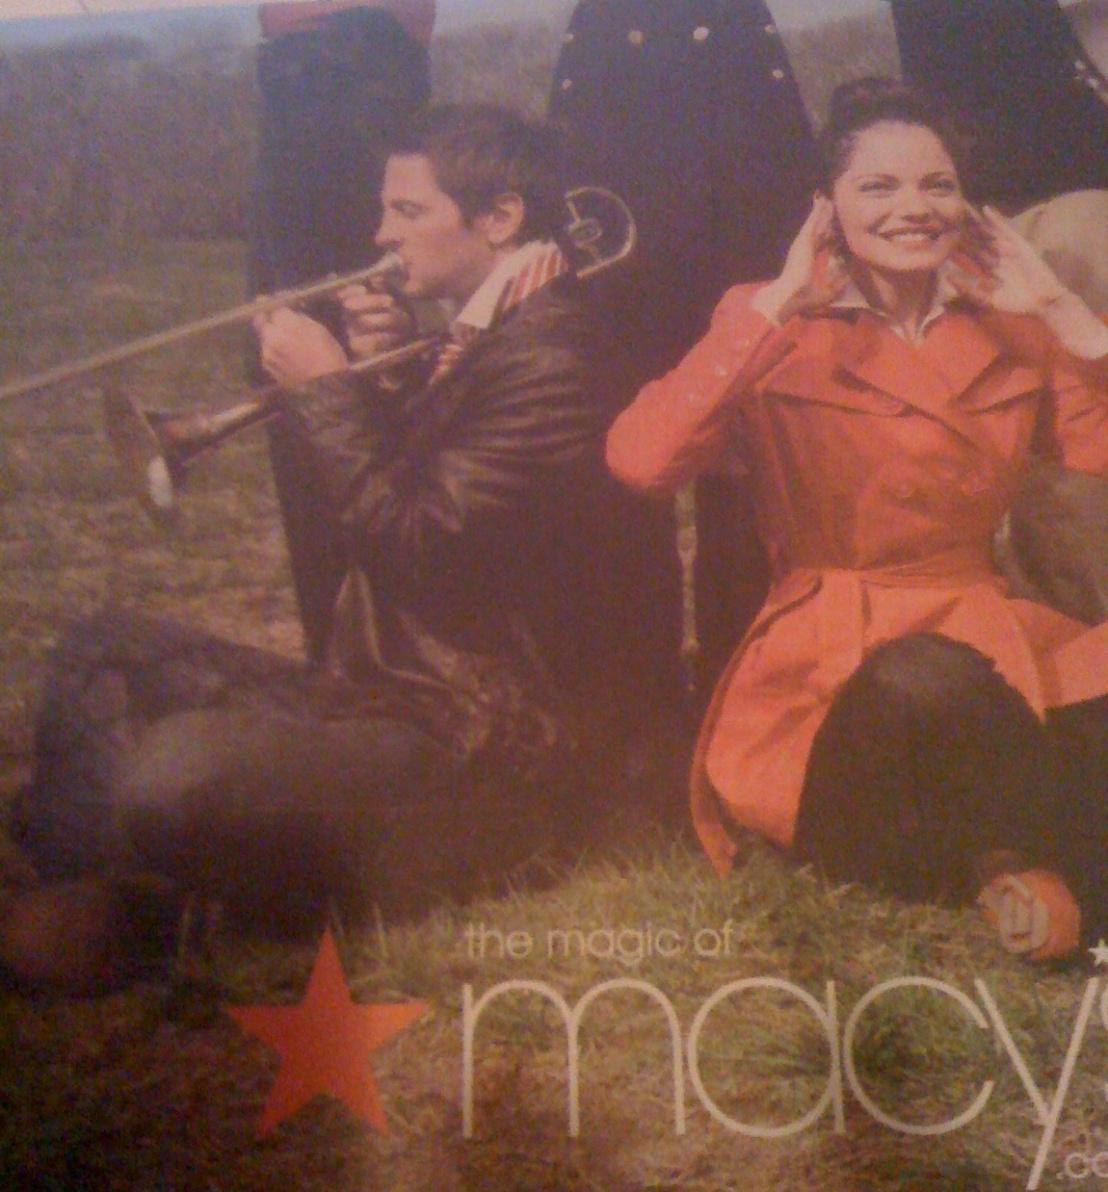 trombone macy's